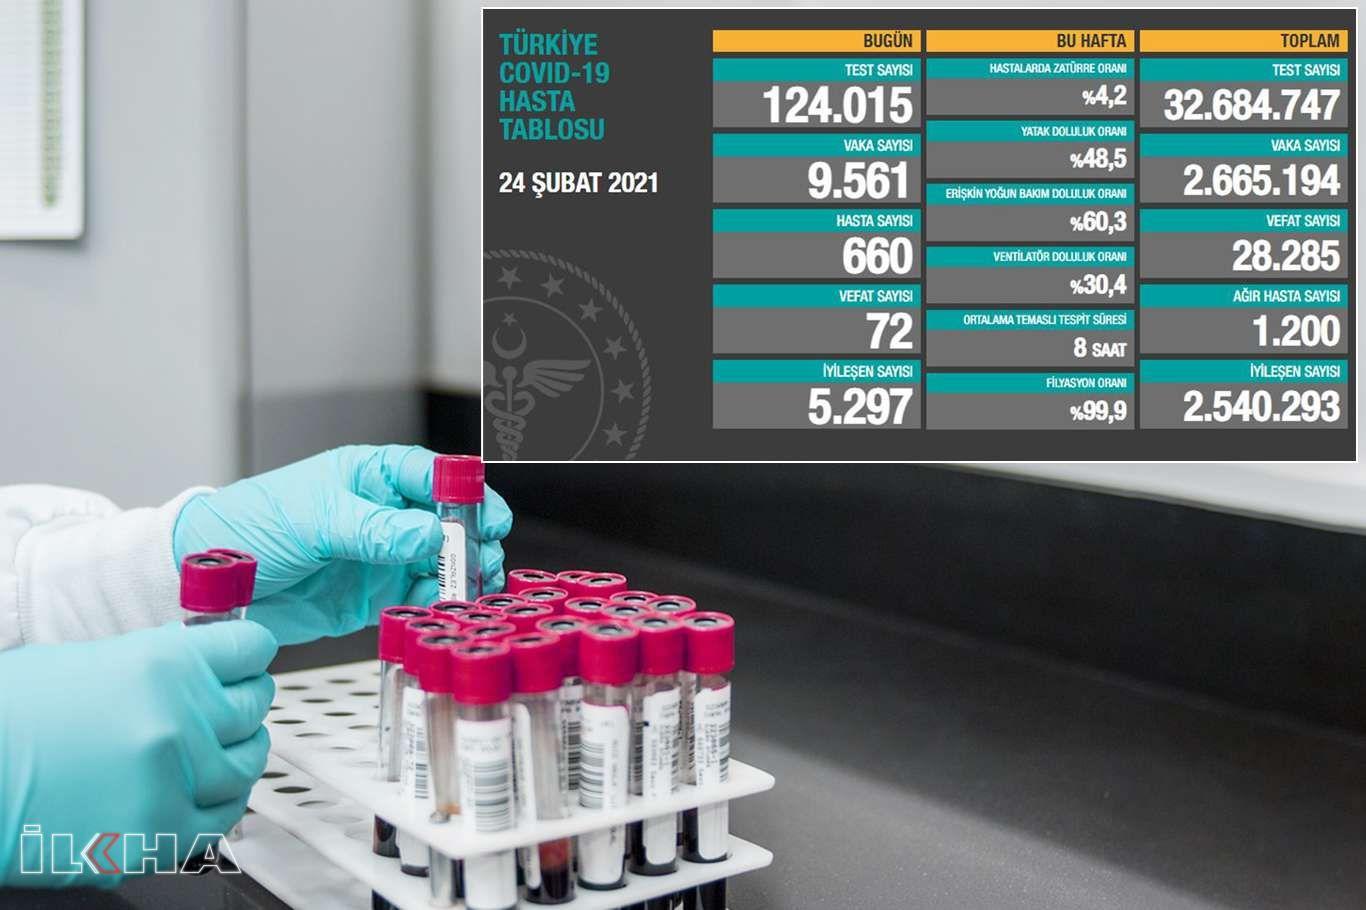 Türkiyede son 24 saatte 9 bin 561 Coronavirus vakası tespit edildi